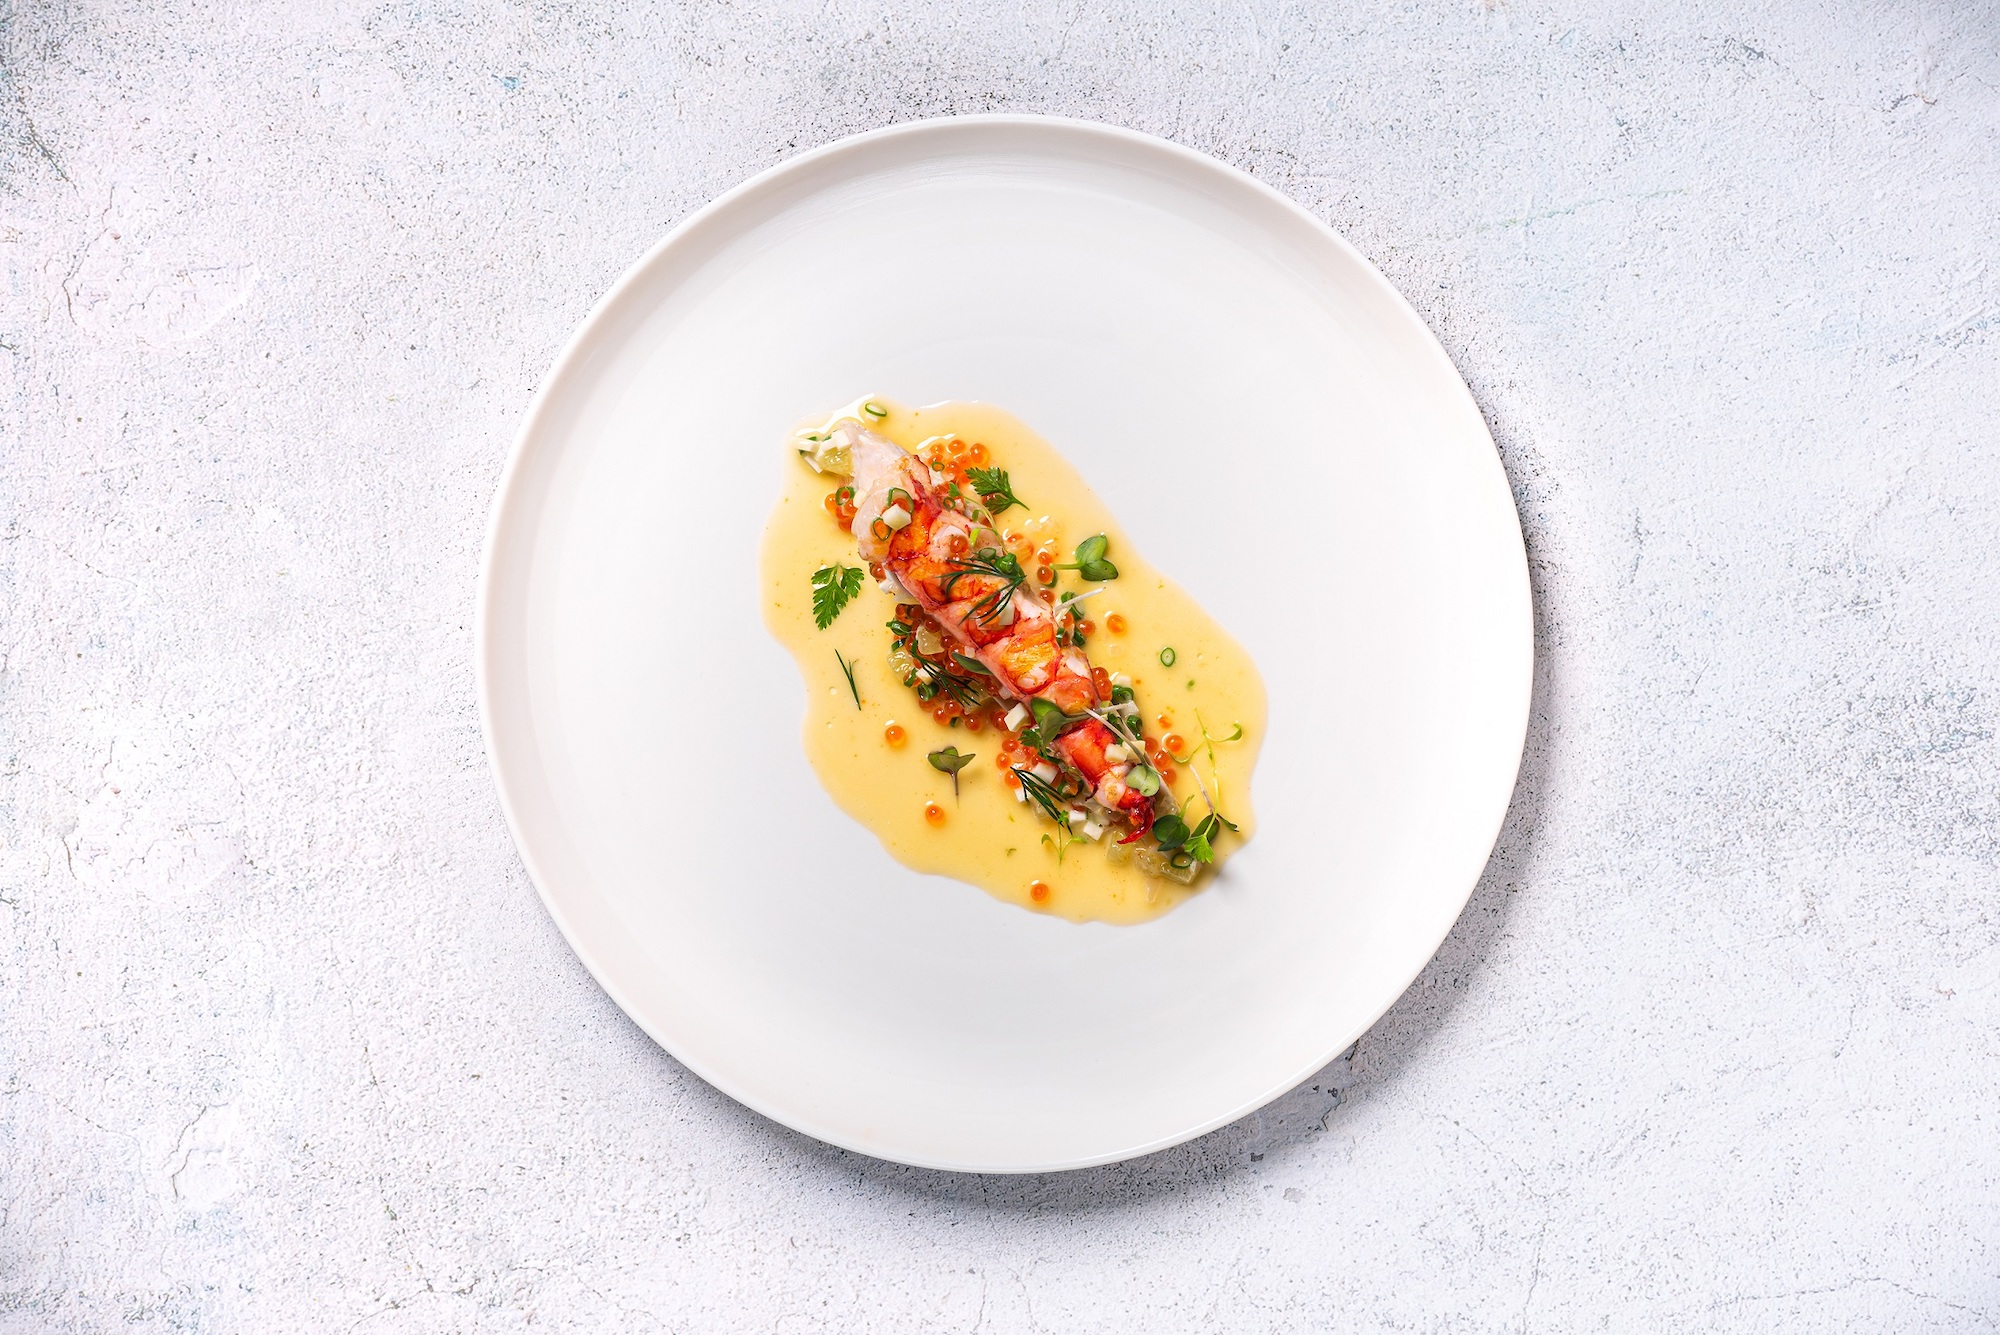 MGM Cotai Grill 58 Chef Mauro Colagreco Char-grilled Carabineros